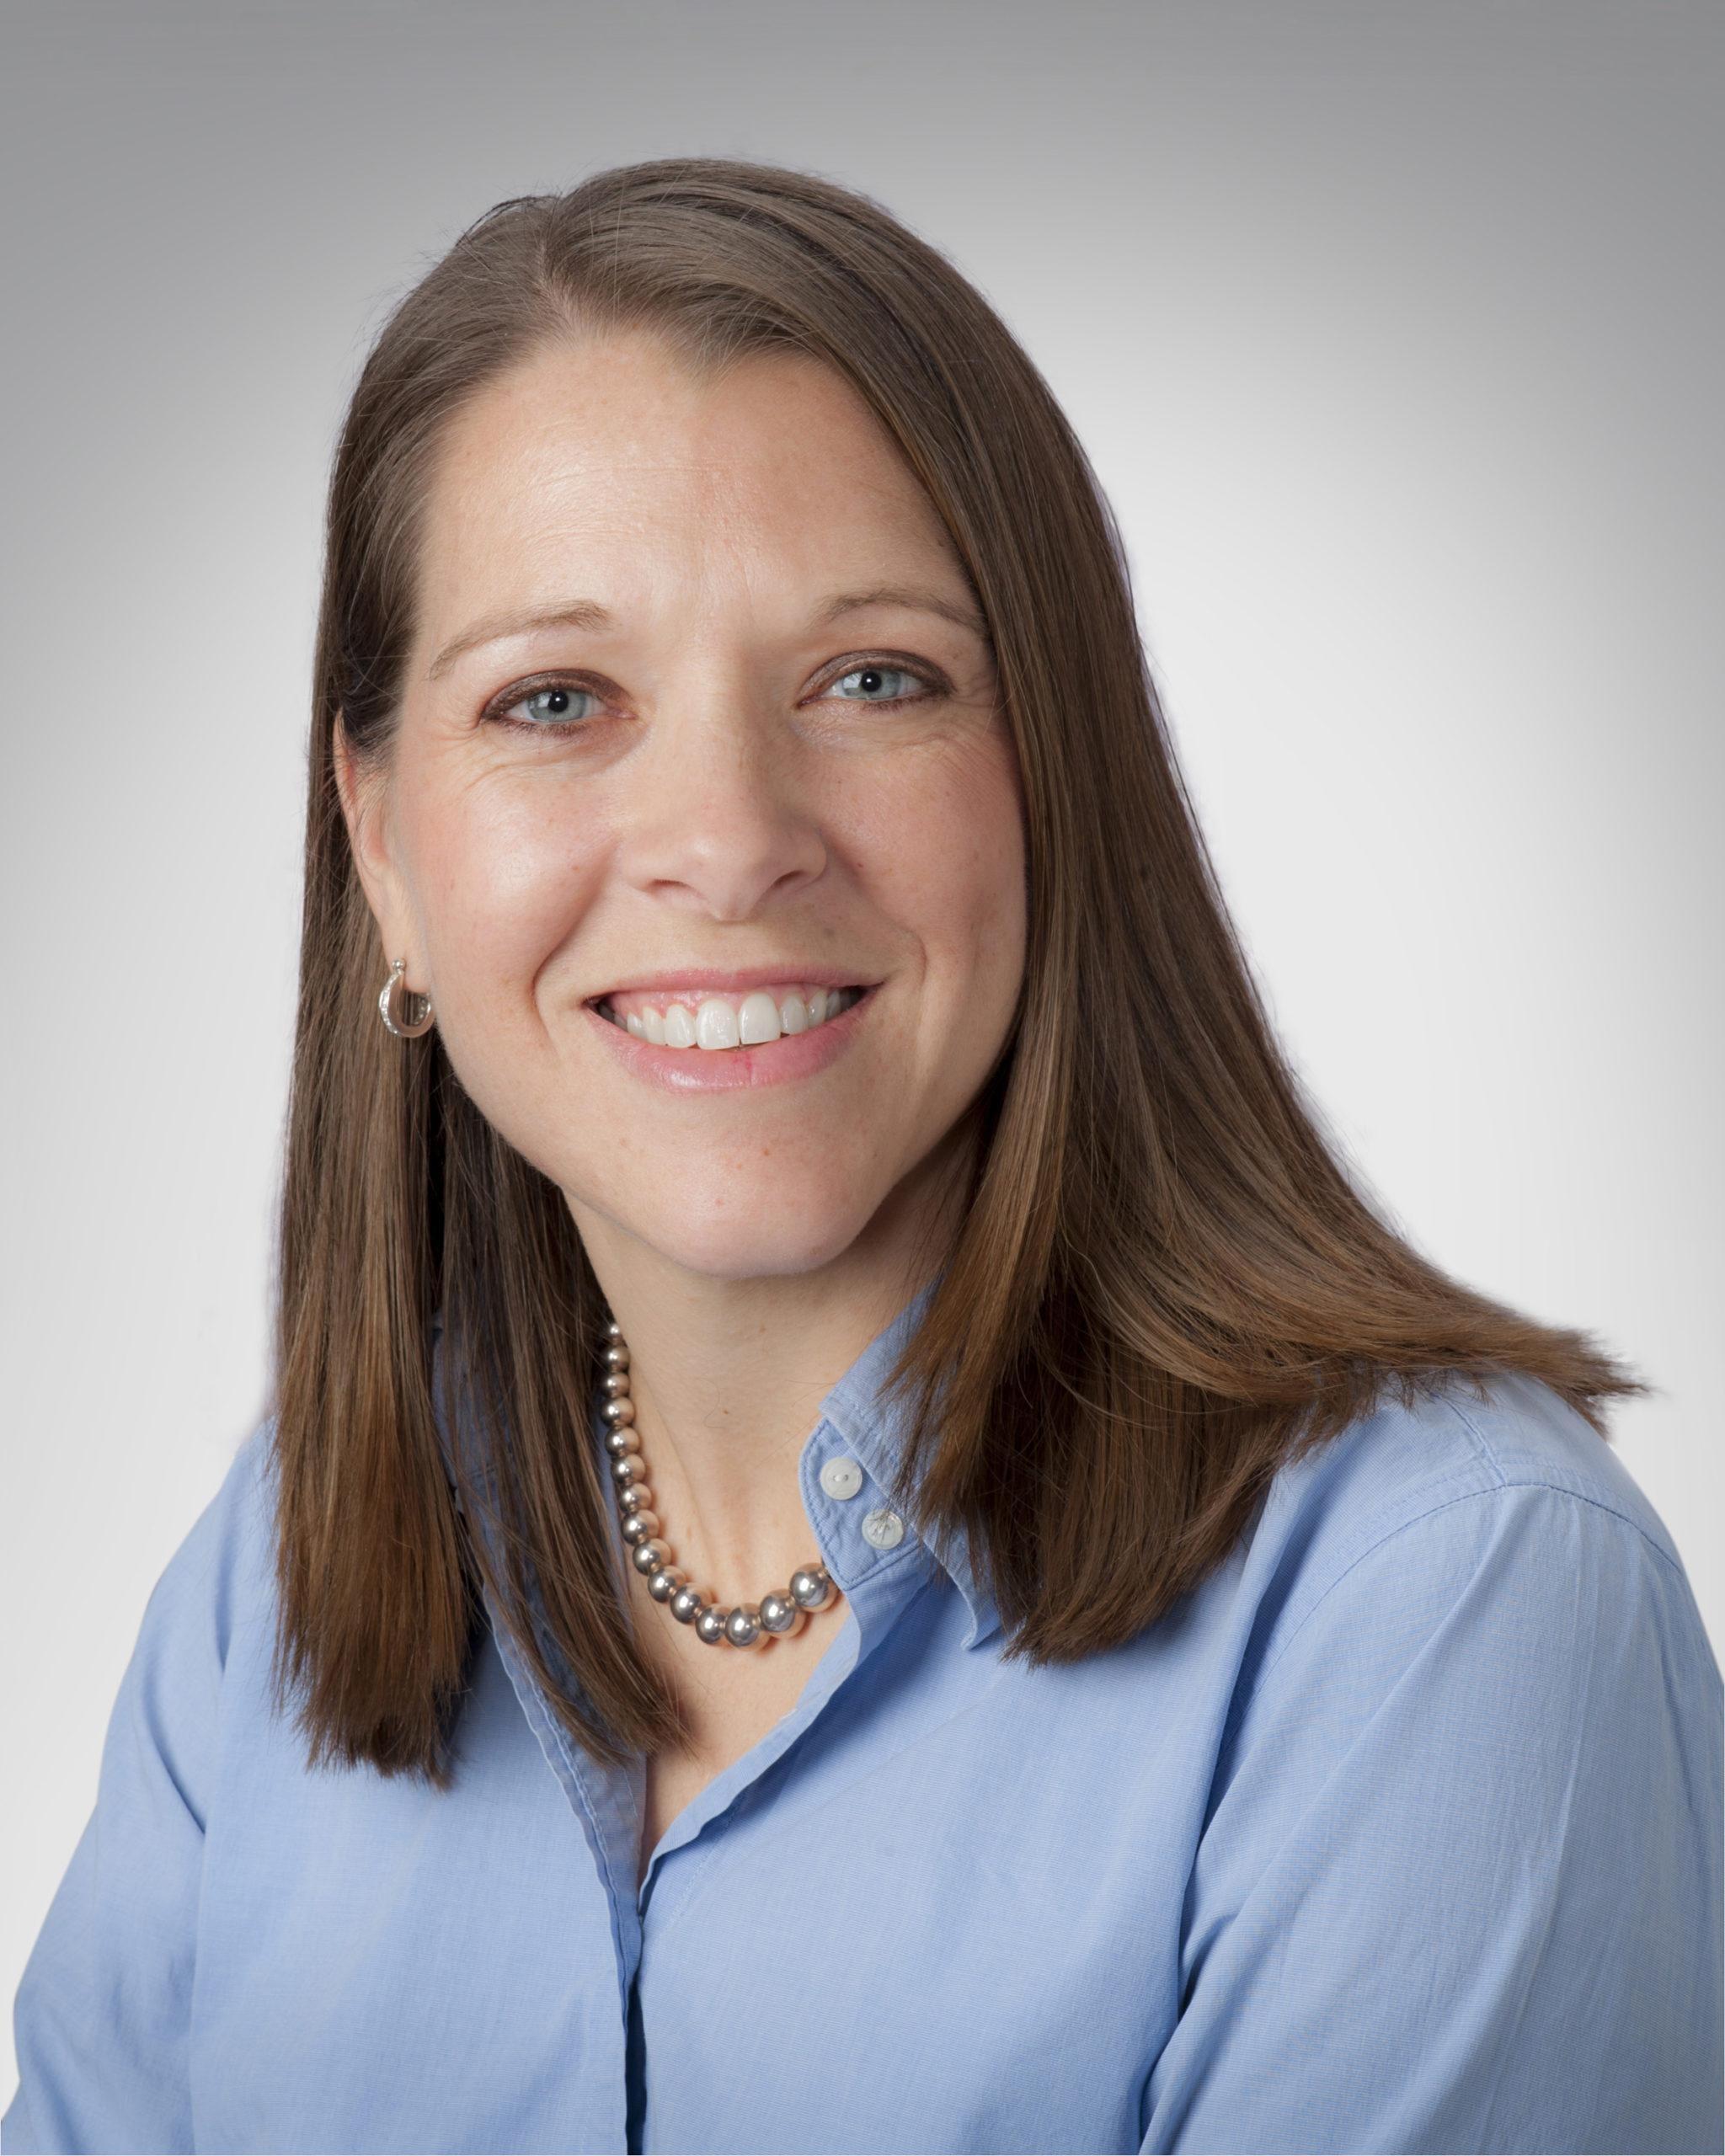 Jeanne Doperak, MD